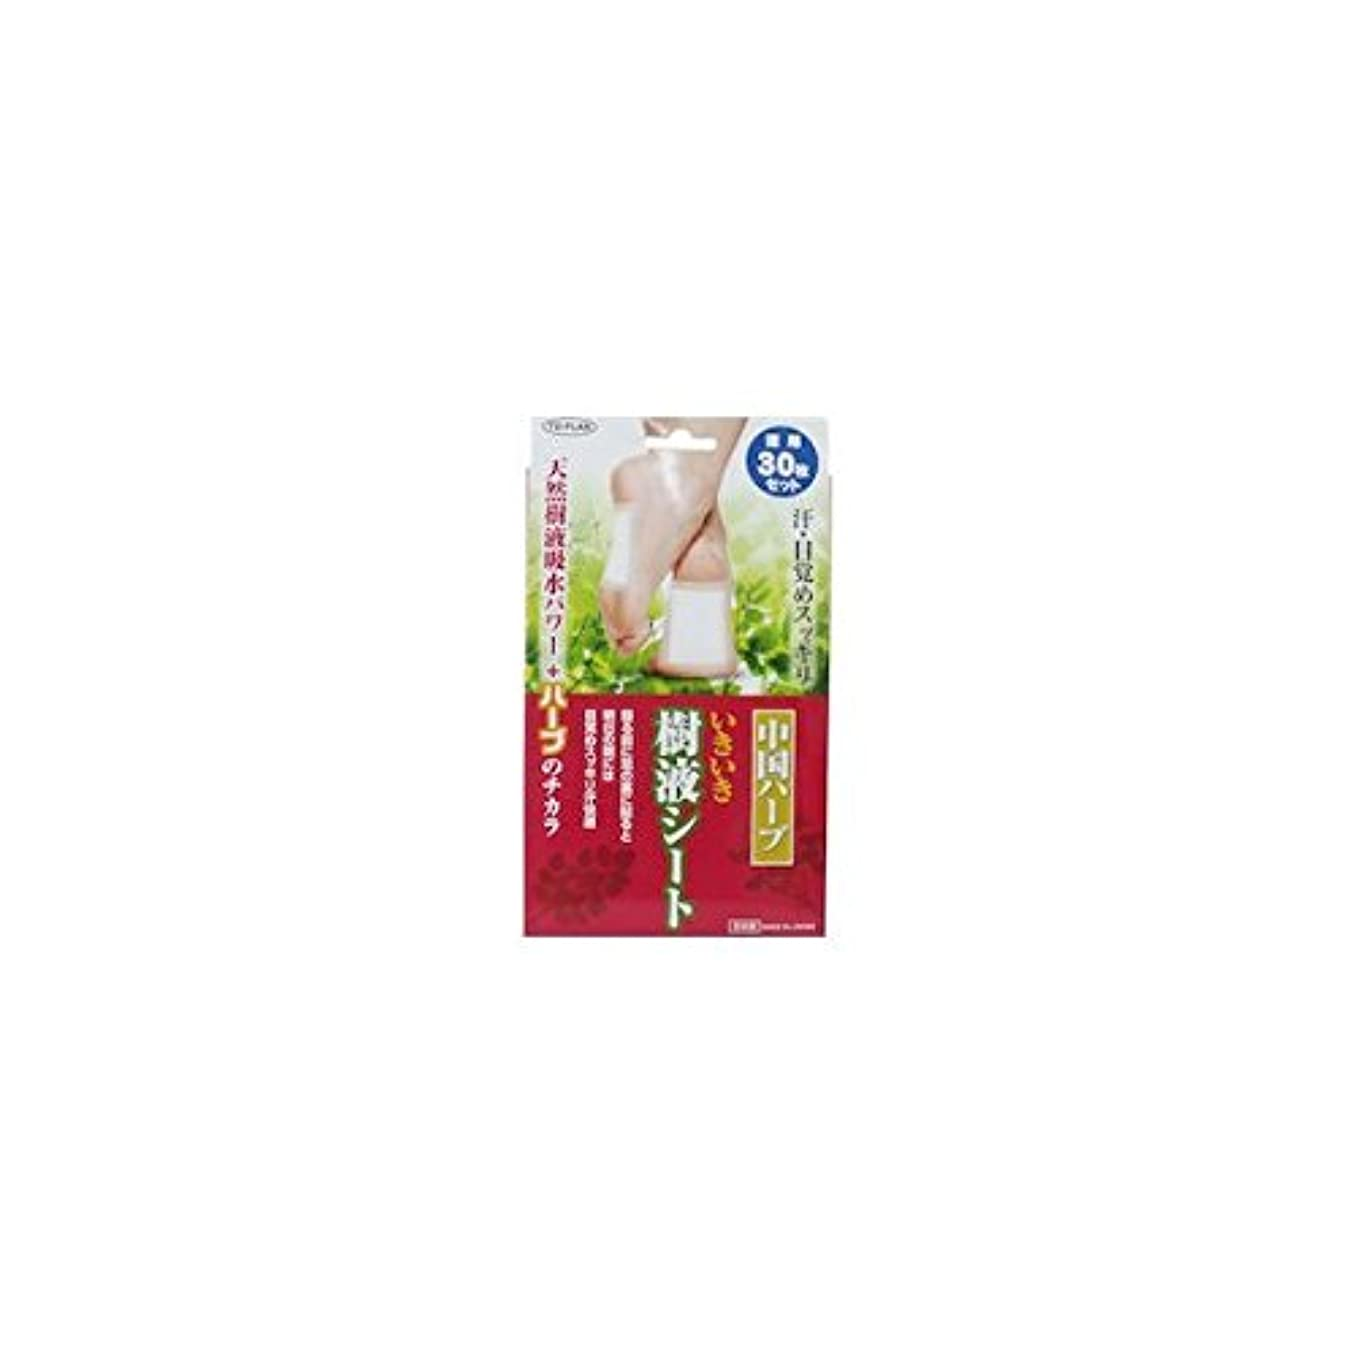 時間テントペチュランスTO-PLAN(トプラン) 中国ハーブいきいき樹液シート30枚入